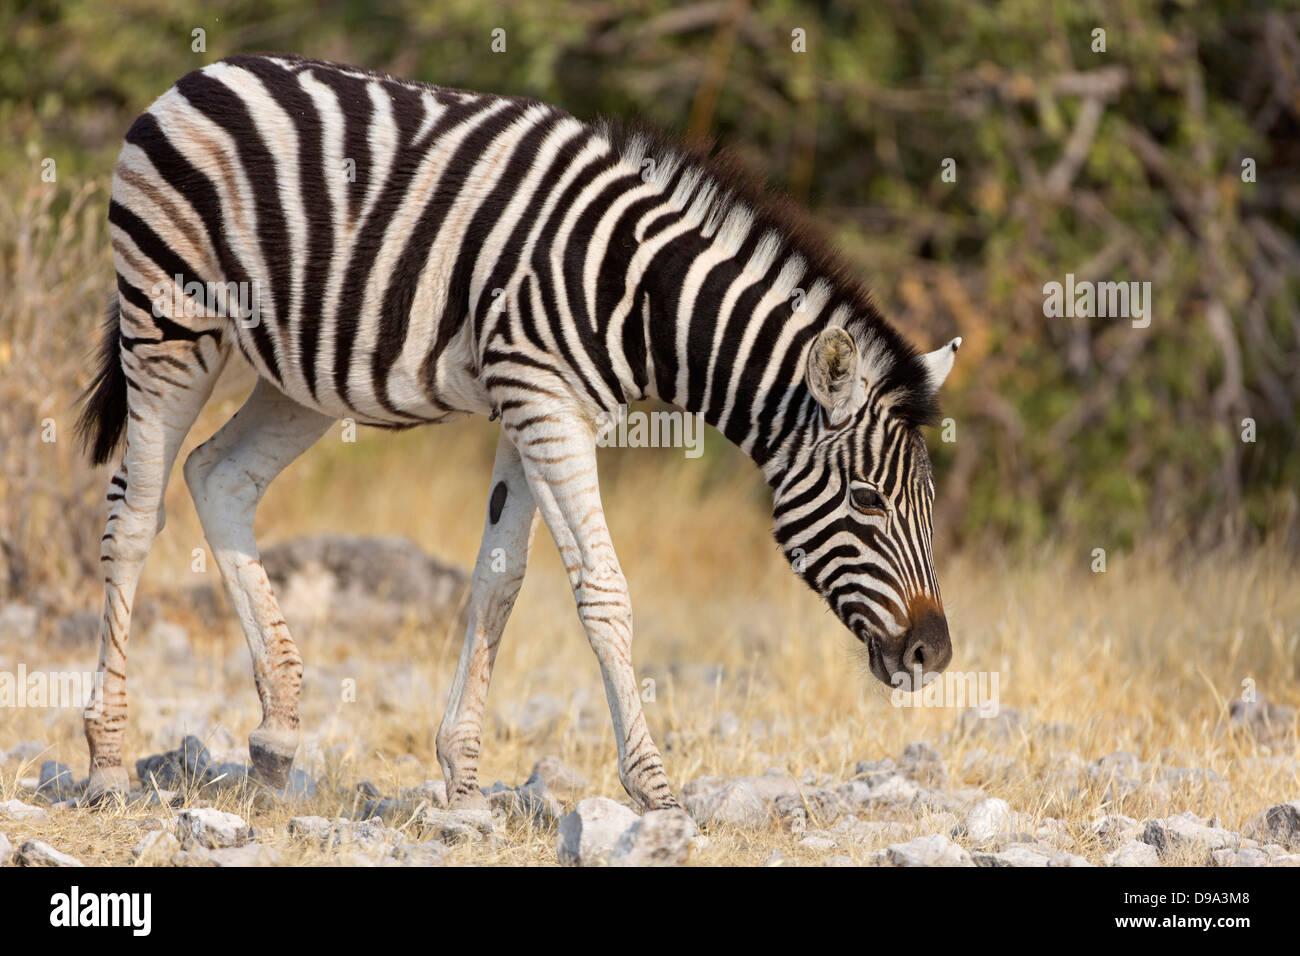 plains zebra, common zebra, Burchell's zebra, Equus quagga, plains zebra, common zebra, Burchell's zebra, - Stock Image